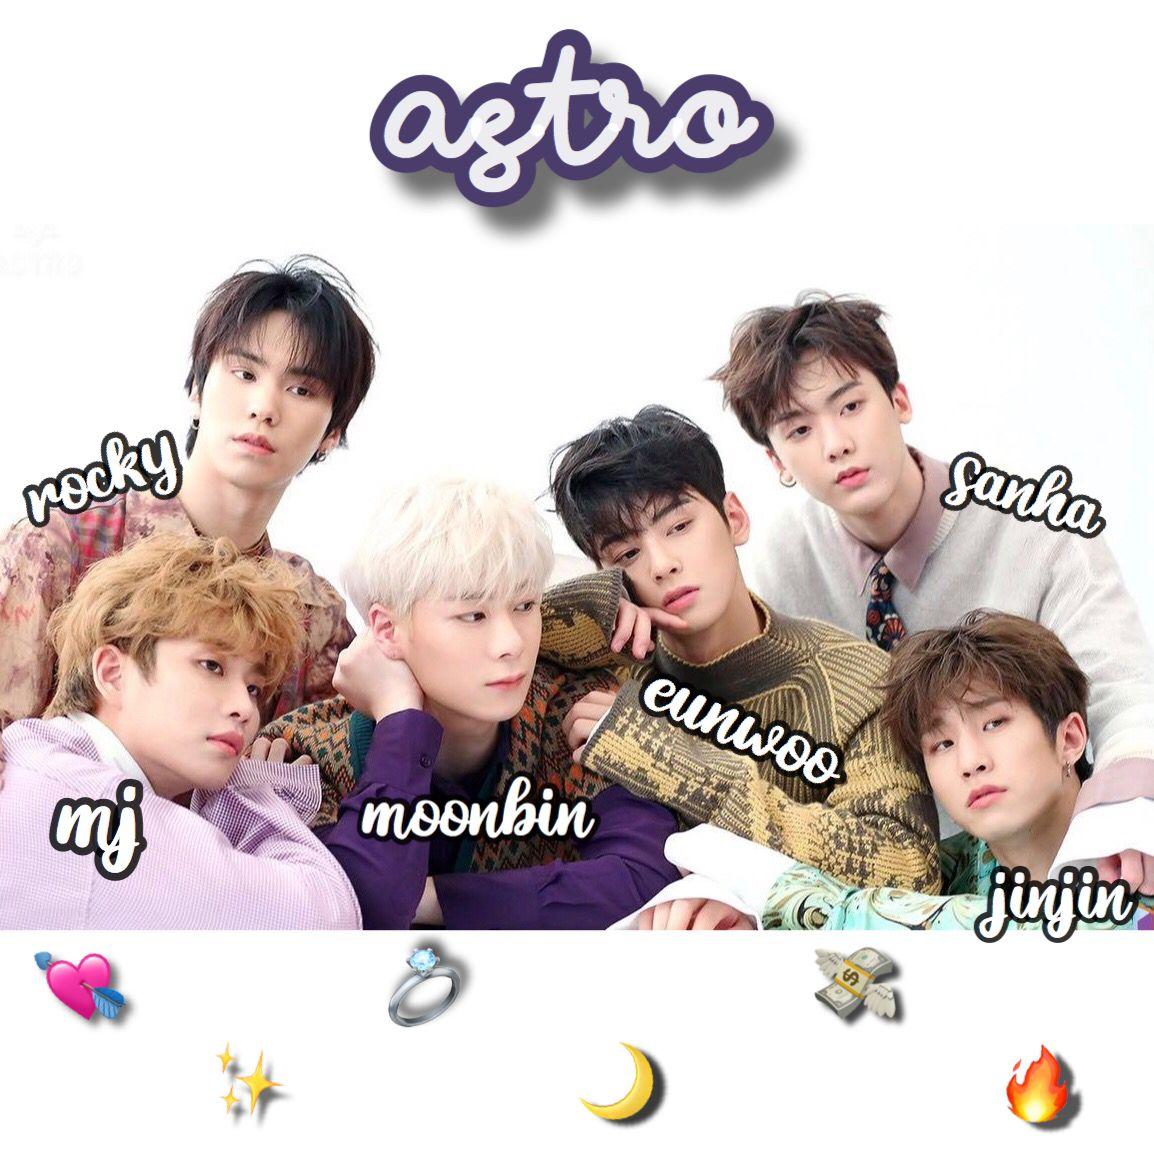 Astro Members Astro Astro Kpop Names